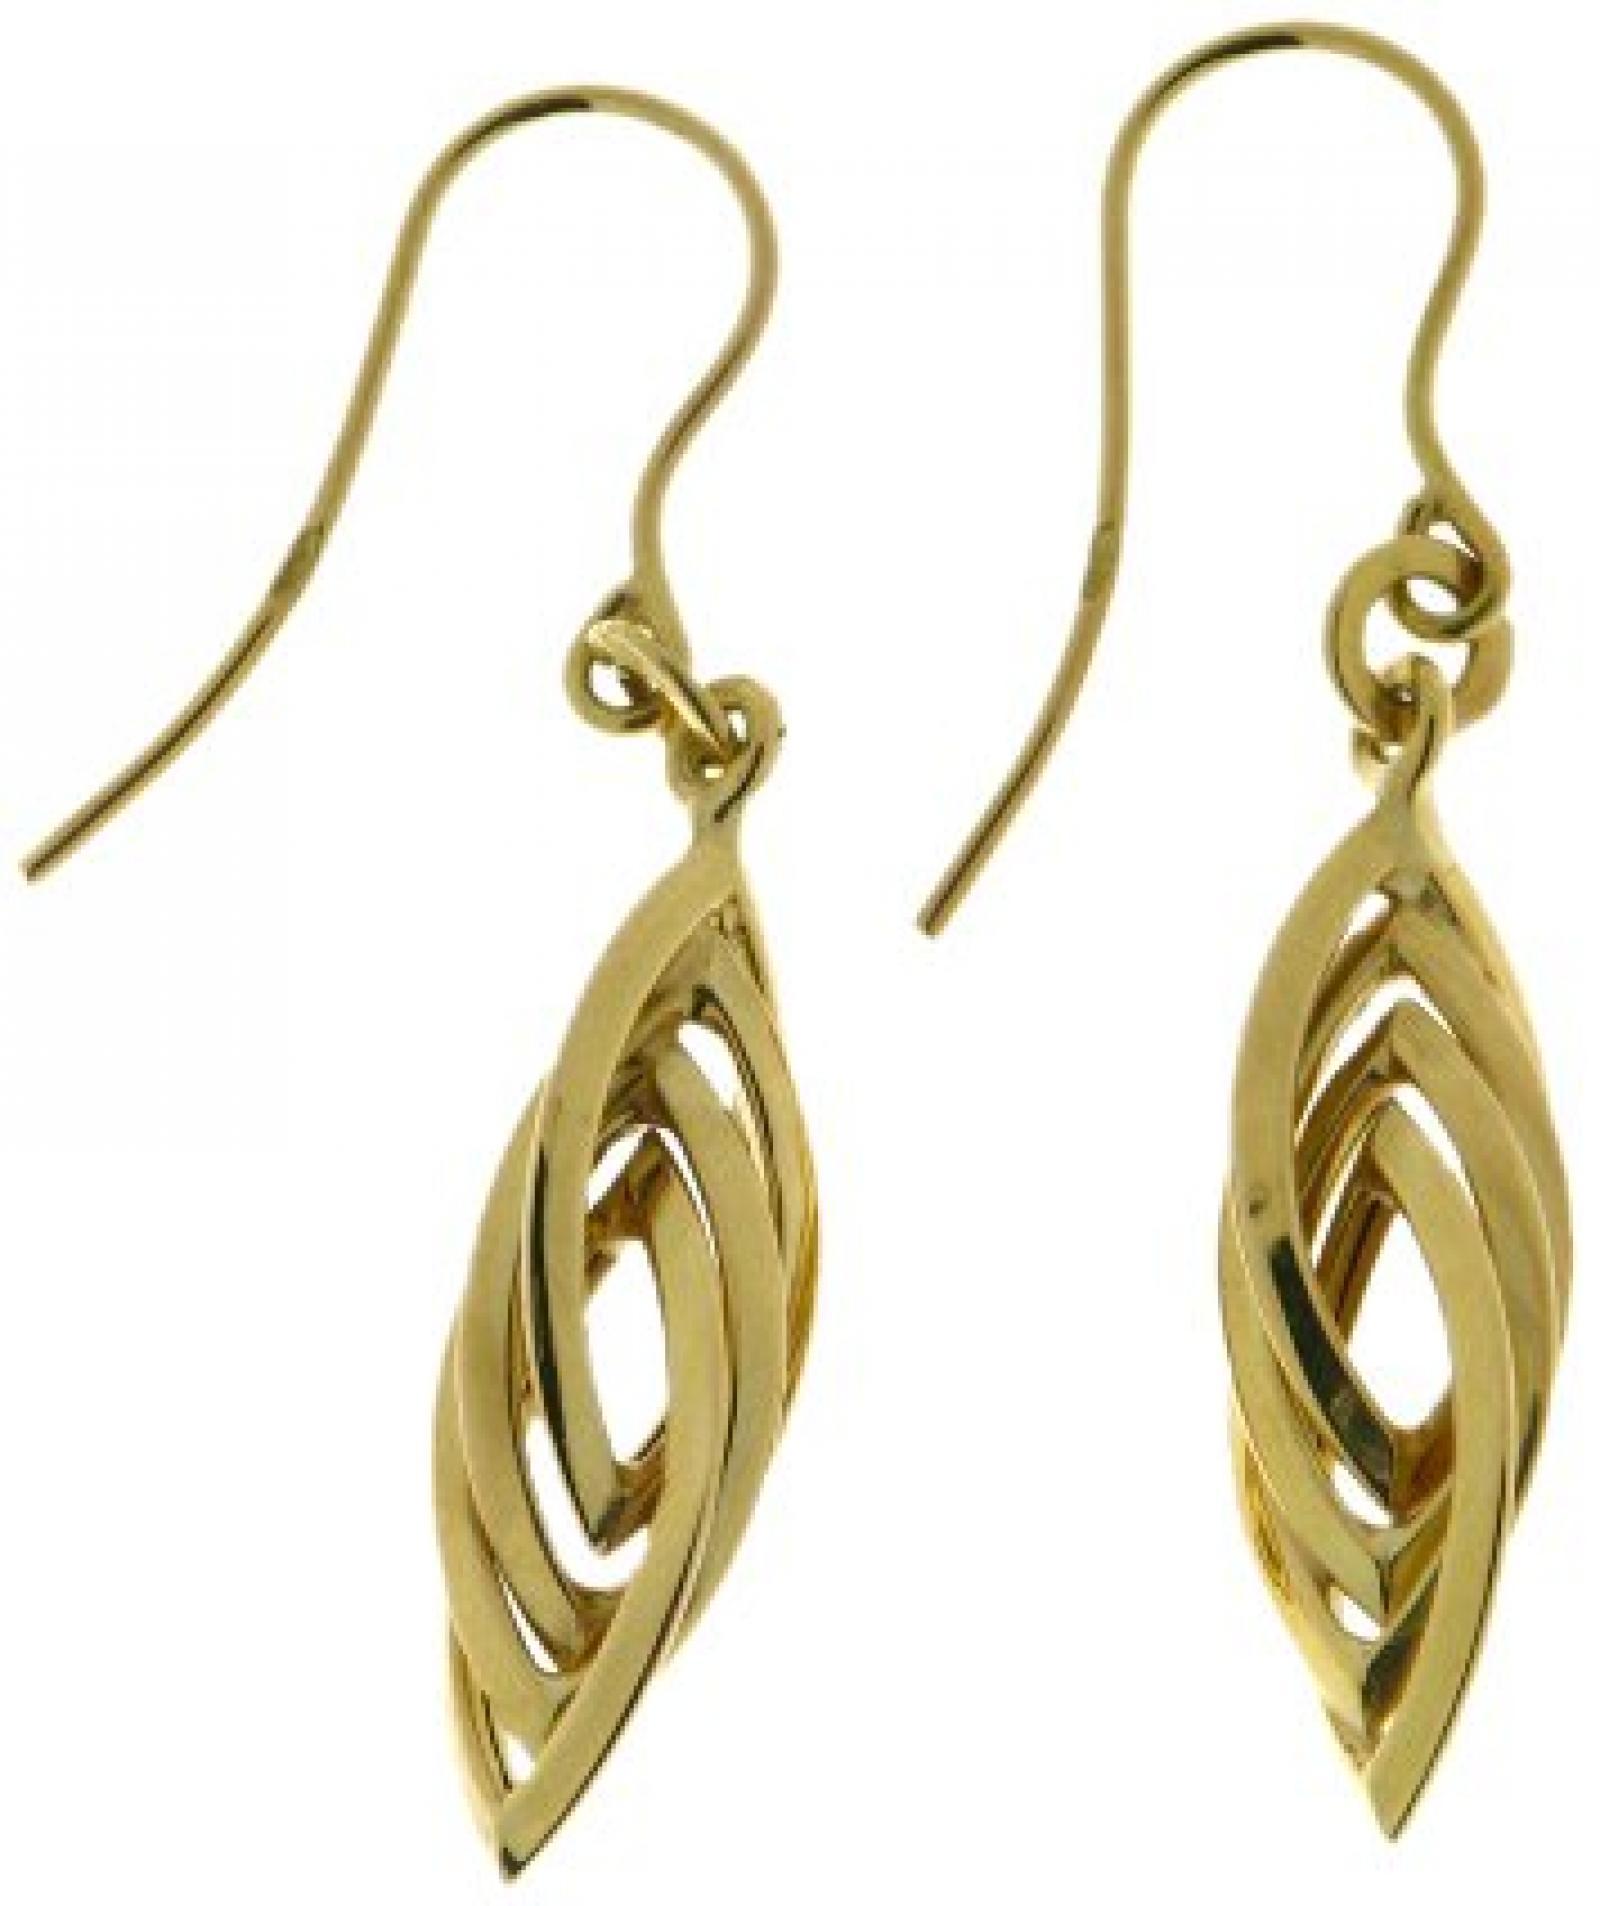 Kettenworld Damen-Ohrhänger 9 Karat (375) Gelbgold 322393